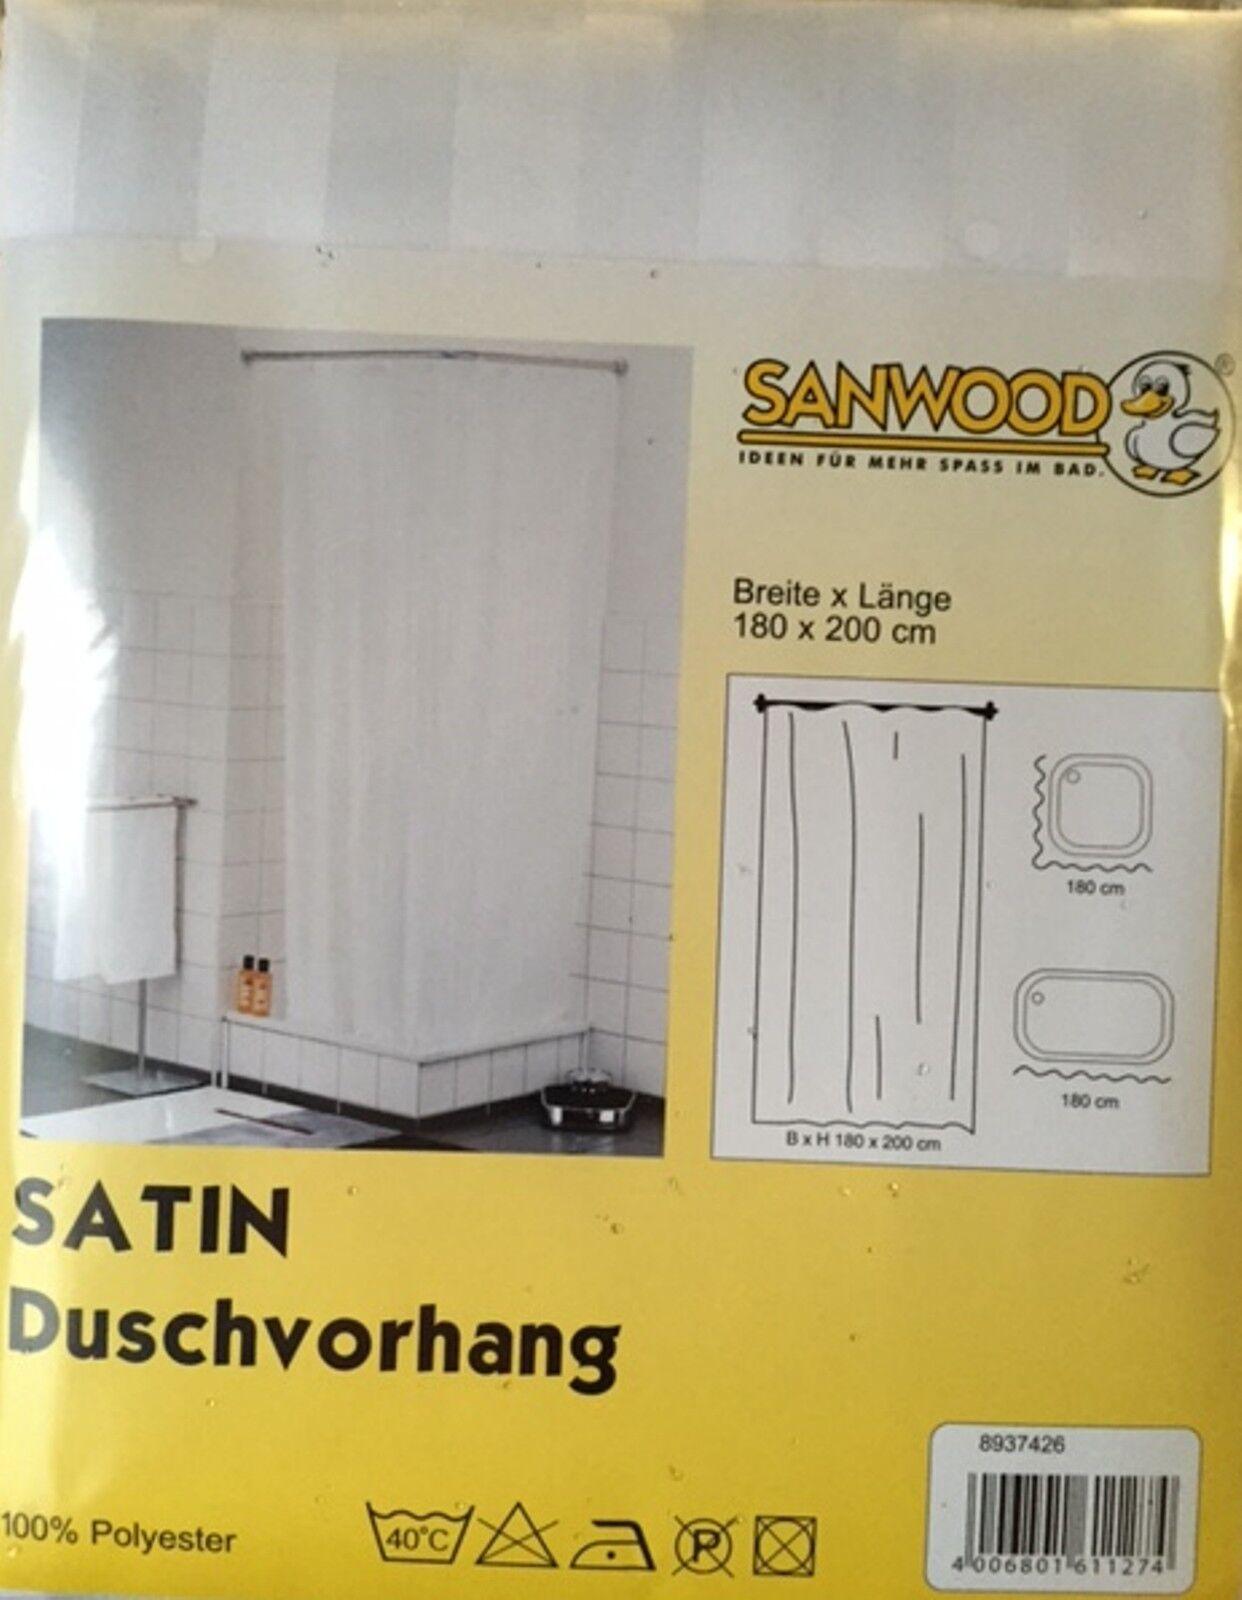 Duschvorhang SANWOOD SATIN 200 x 180 cm cm cm weiß NEU & OVP 957899